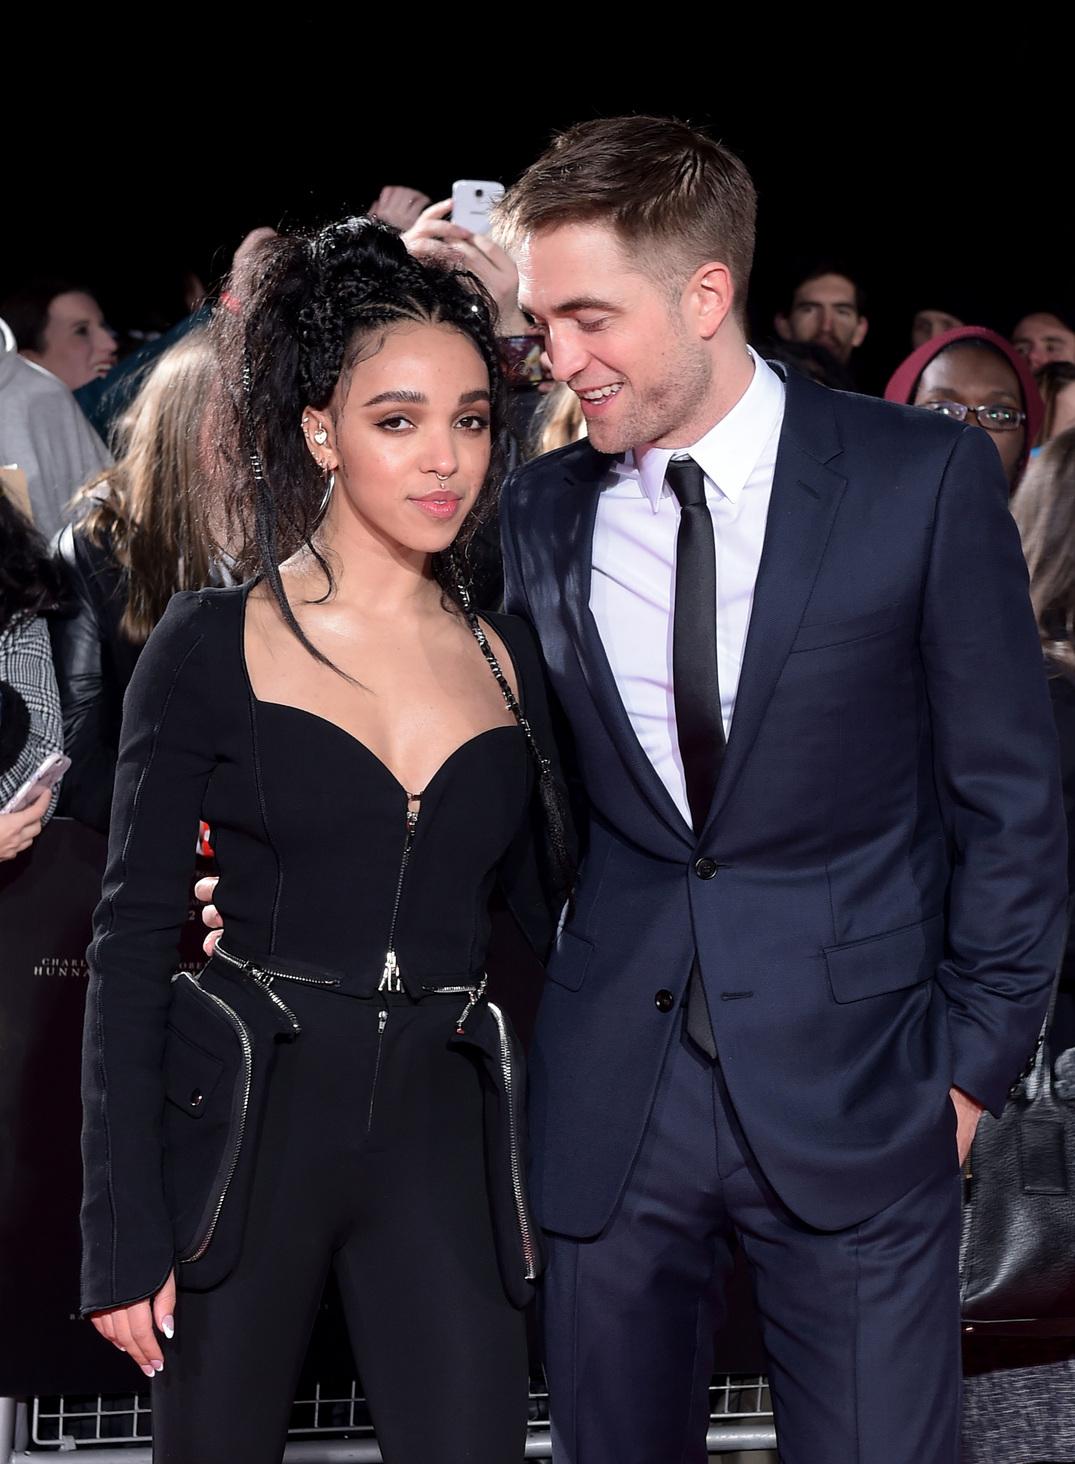 Robert Pattinson és FKA Twigs. Fotó: Camera press